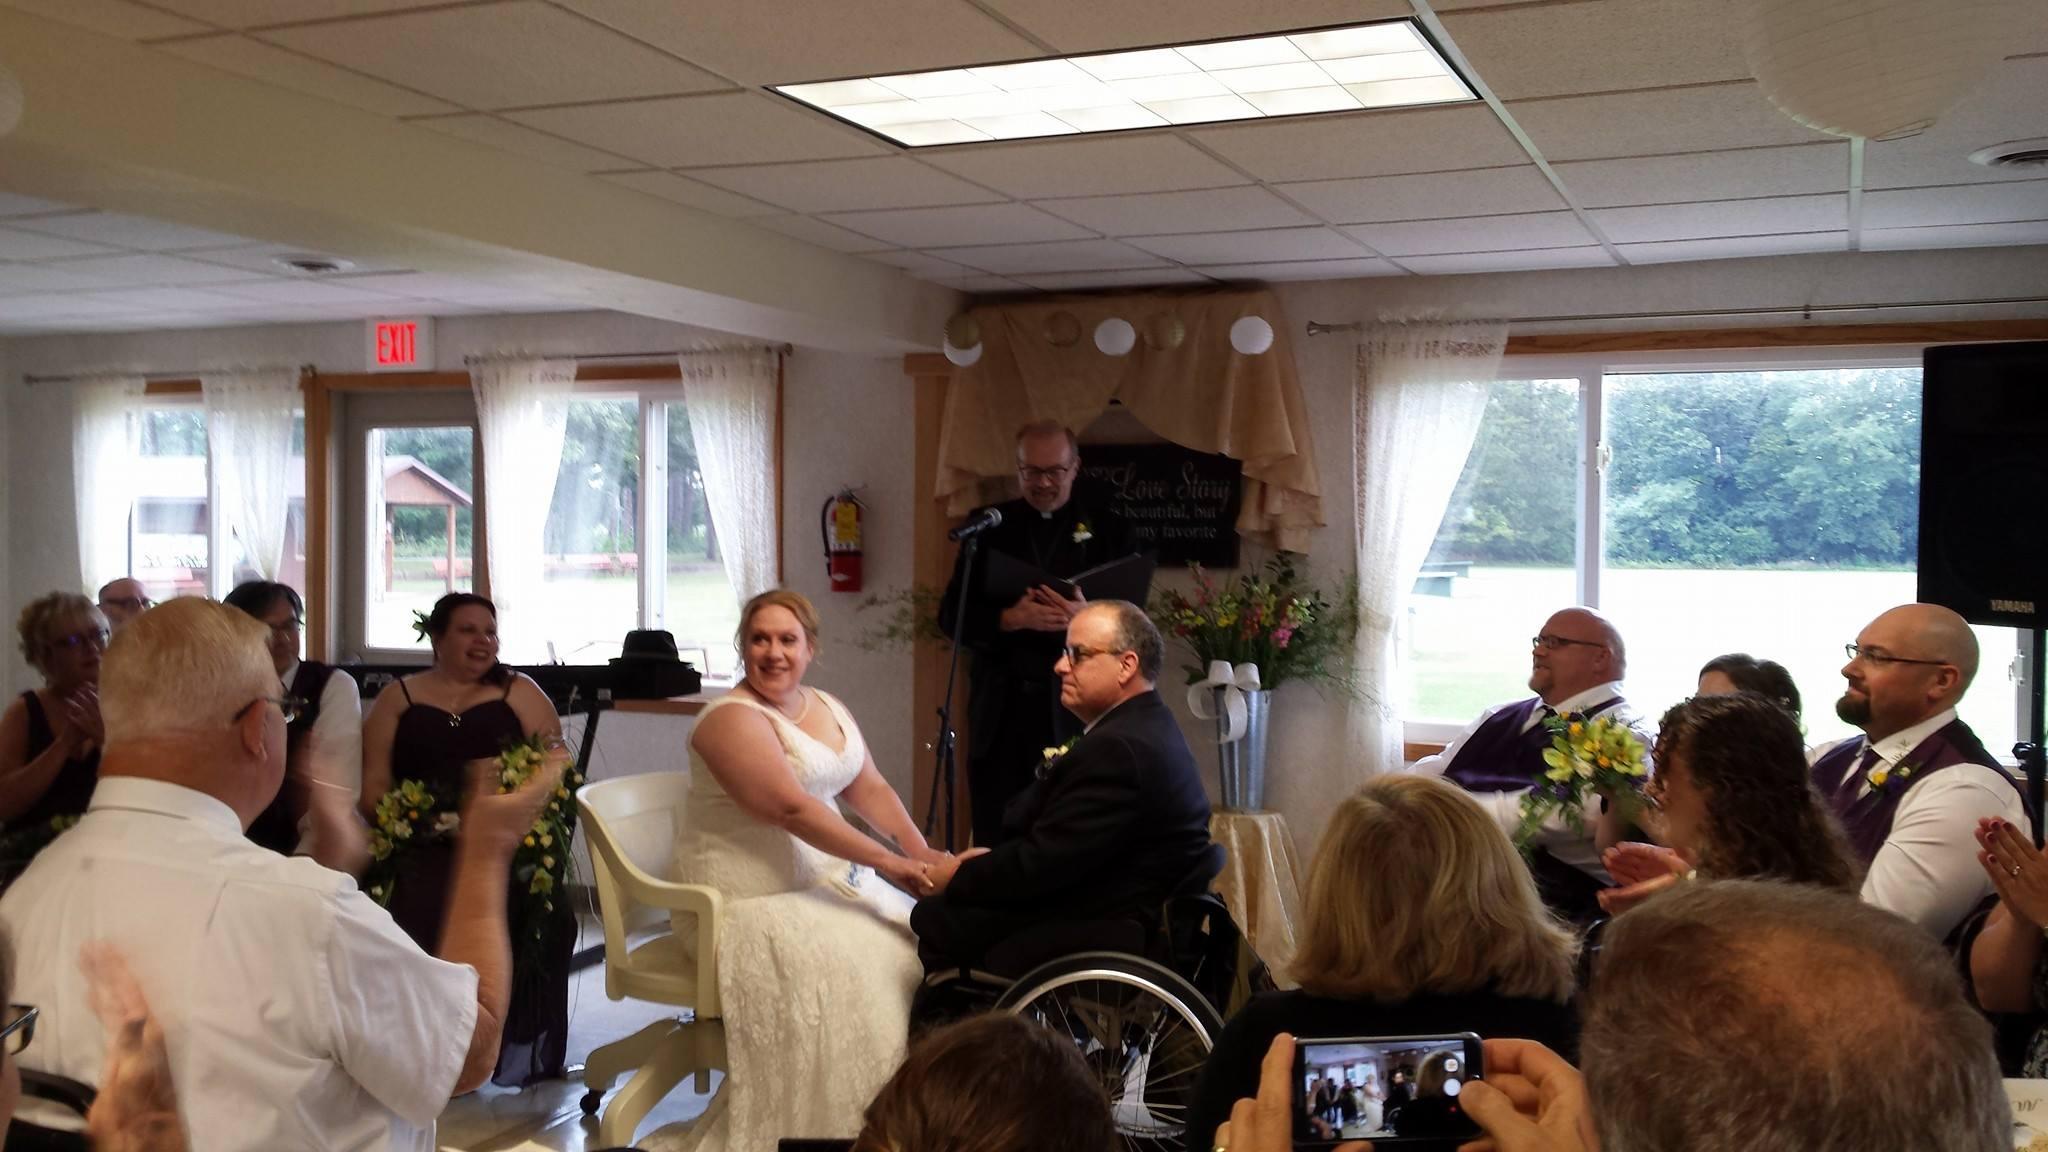 Martha's wedding